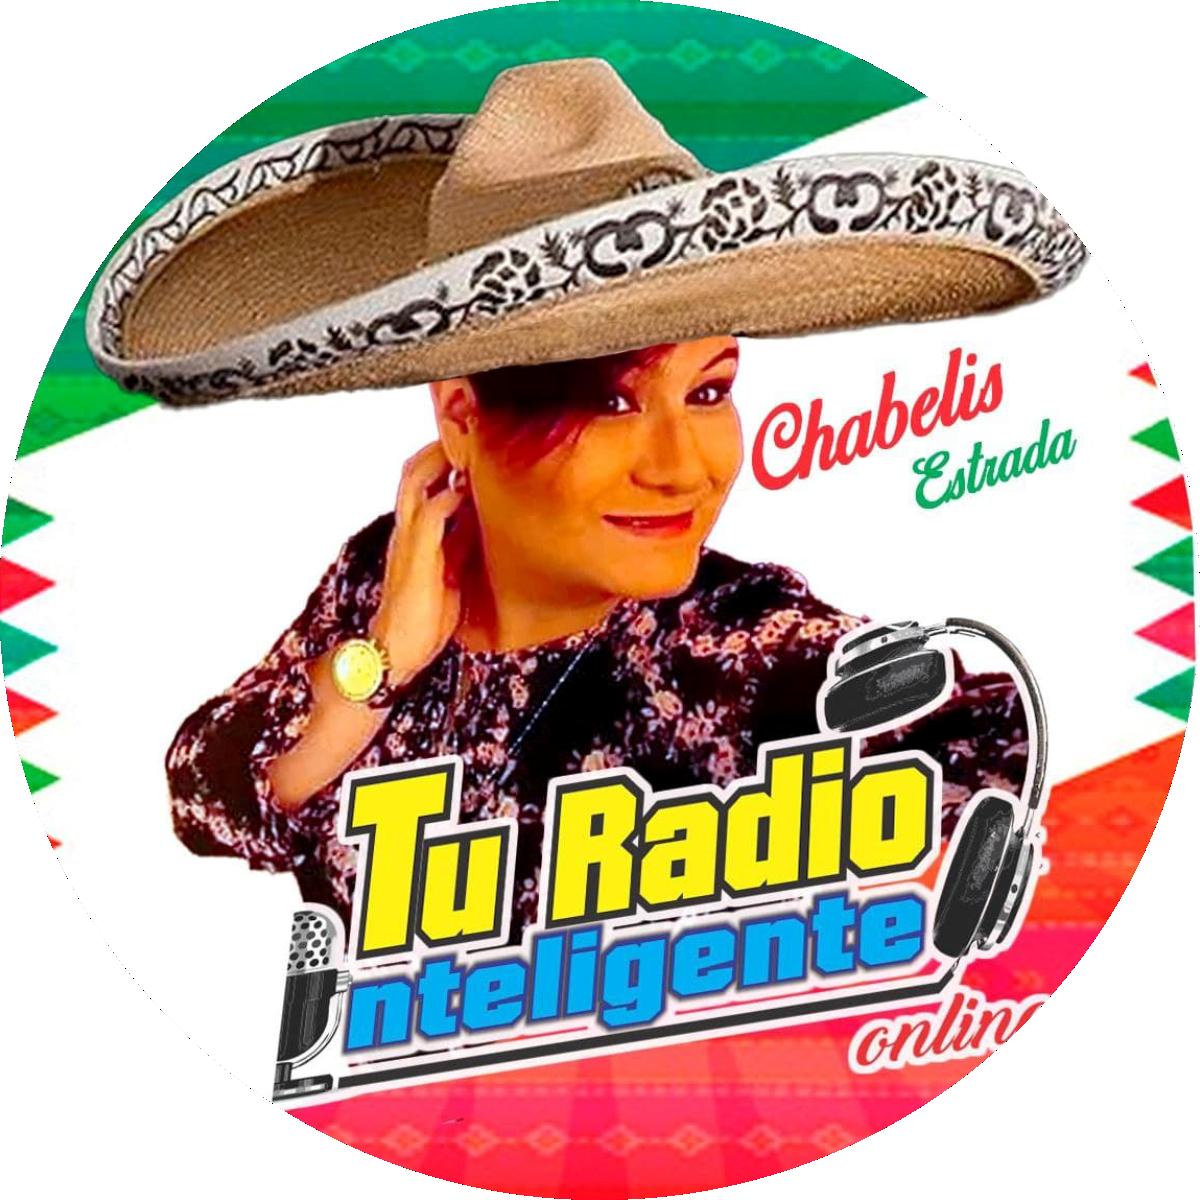 Chabelis Estrada Conductora LAS TARDES CON CHABELIS